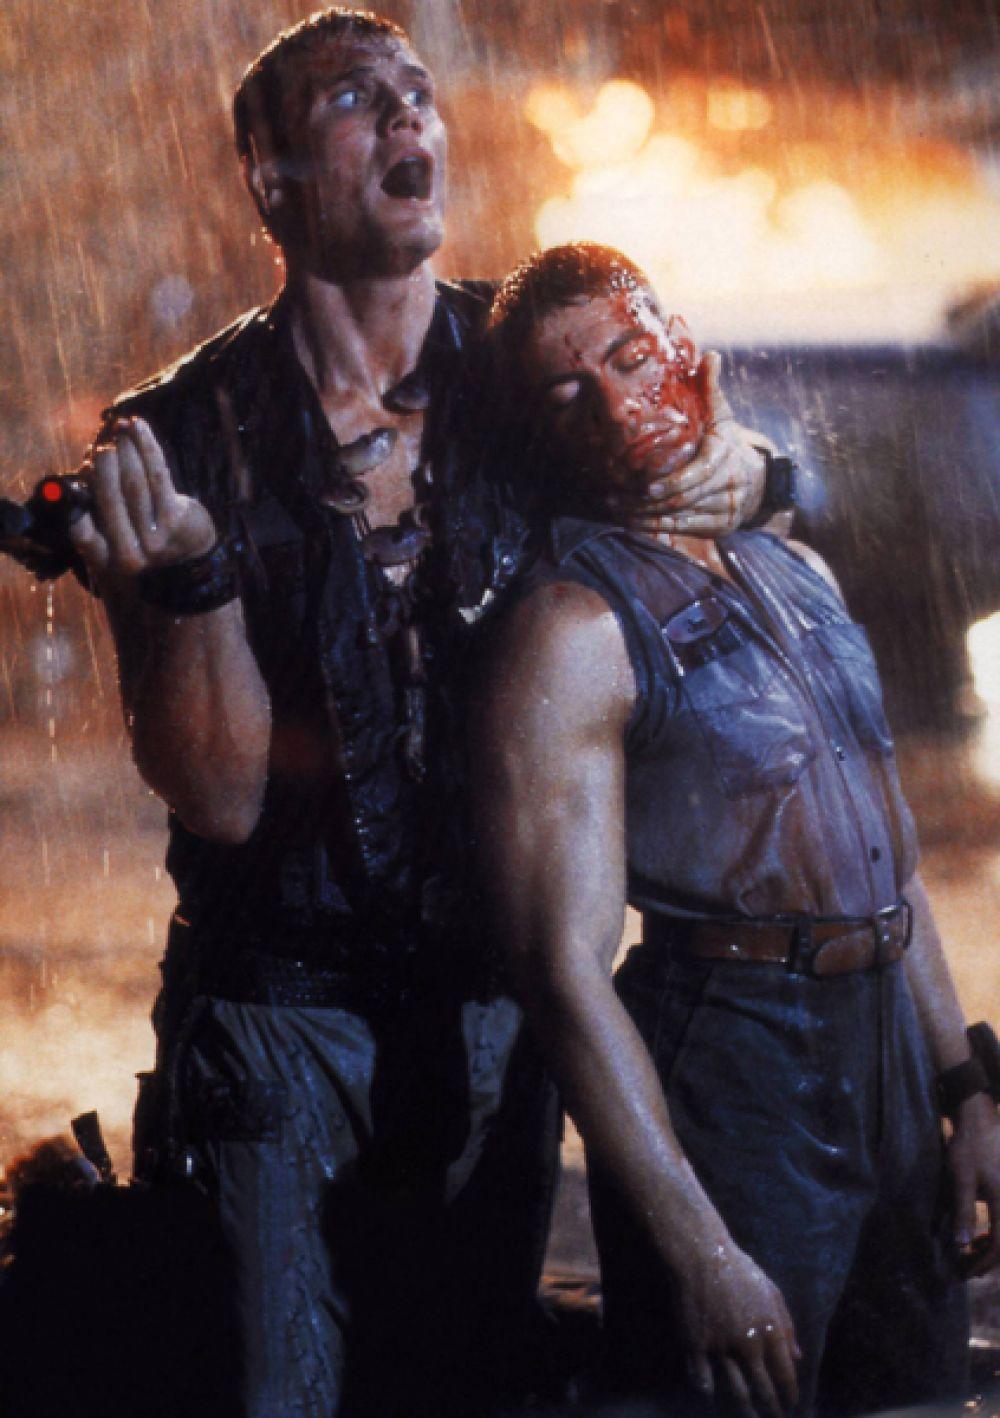 В фильме «Универсальный солдат» (1992) Лундгрен вернулся к роли отрицательного персонажа, сыграв американского солдата-садиста Эндрю Скотта.